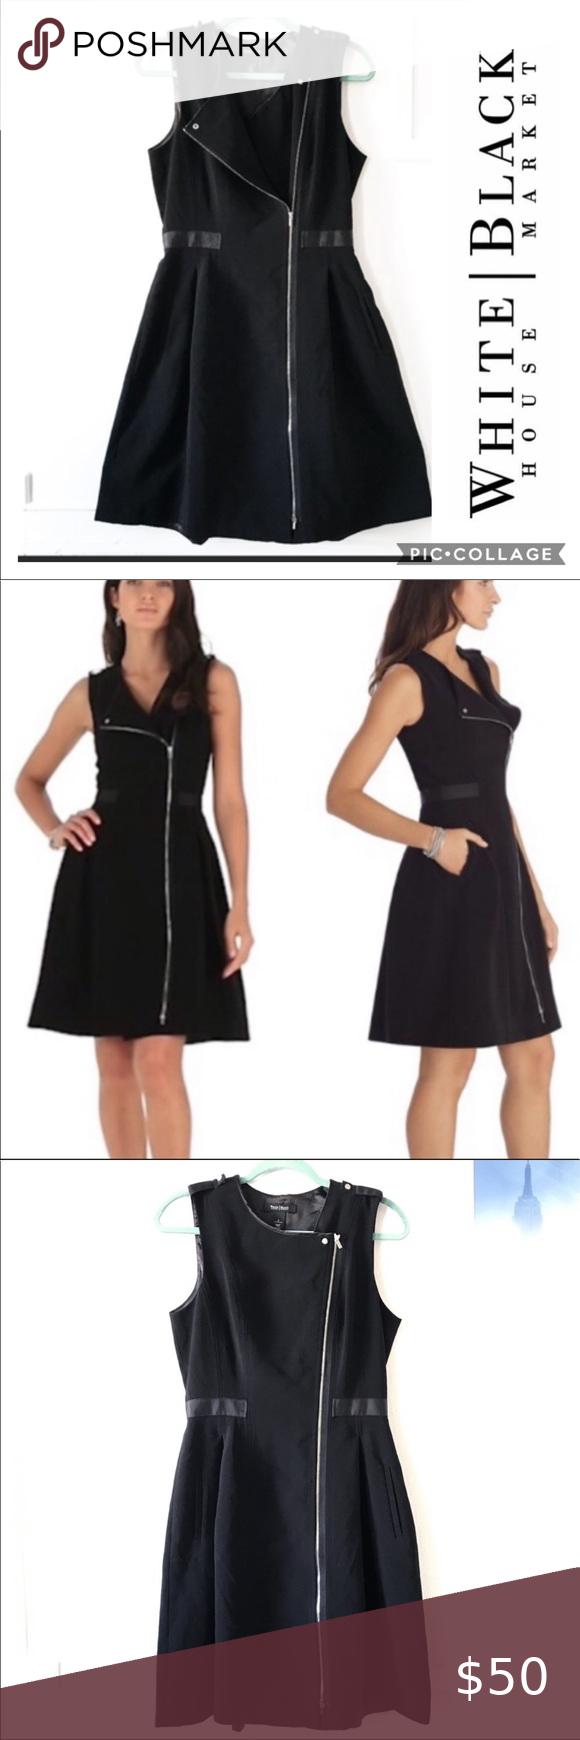 Whbm Zip Fit N Flare Black Dress W Pockets Size 8 In 2020 Black Dress Dresses Fit And Flare [ 1740 x 580 Pixel ]